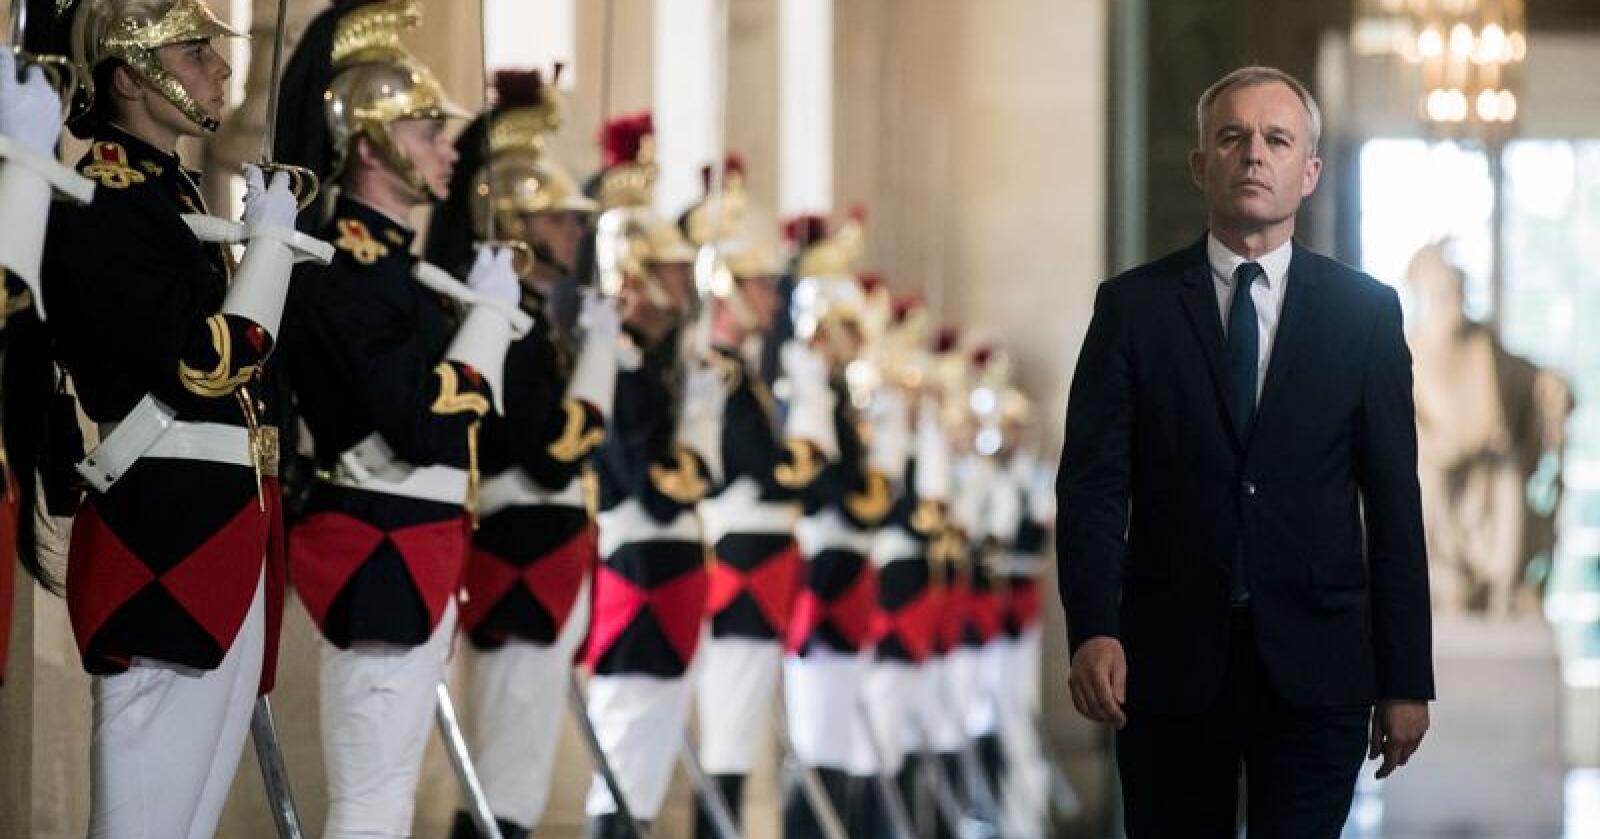 Miljøvernminister François de Rugy trekker seg fra regjeringen etter oppslag om overdådige middager med hummer og dyr vin. Selv mener han at det var en del av jobben som leder for nasjonalforsamlingen. Foto: AP/NTBscanpix